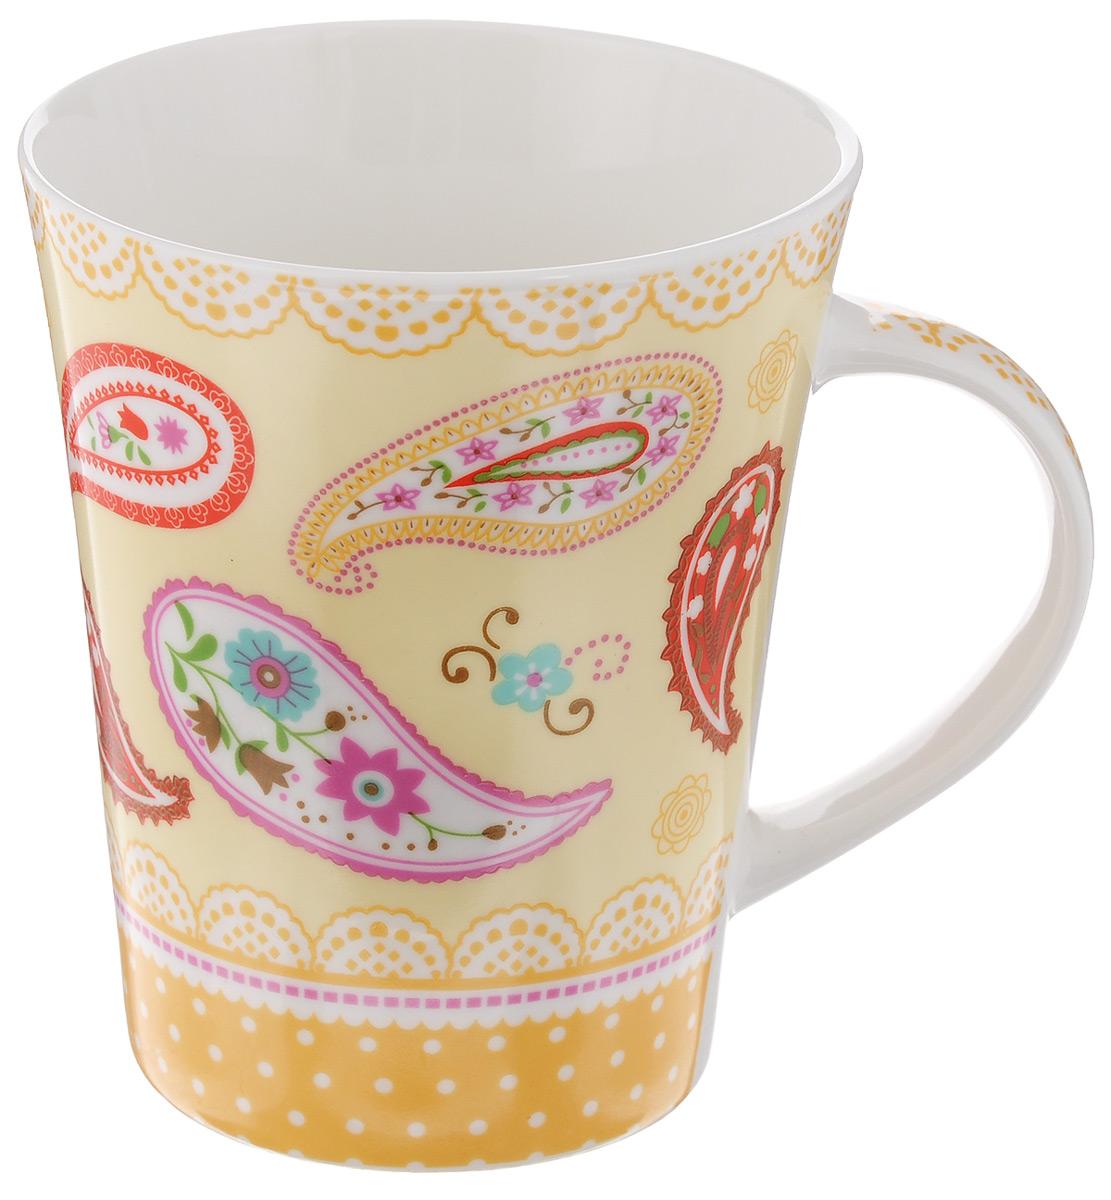 Кружка Loraine, цвет: слоновая кость, желтый, красный, 400 мл22116_желтыйОригинальная кружка Loraine, выполненная из высококачественного фарфора, украшена изысканным изображением цветов и узоров. Изделие оснащено эргономичной ручкой. Кружка Loraine сочетает в себе яркий дизайн и функциональность. Она согреет вас долгими холодными вечерами. Диаметр кружки (по верхнему краю): 9 см. Высота кружки: 11 см. Объем: 400 мл.